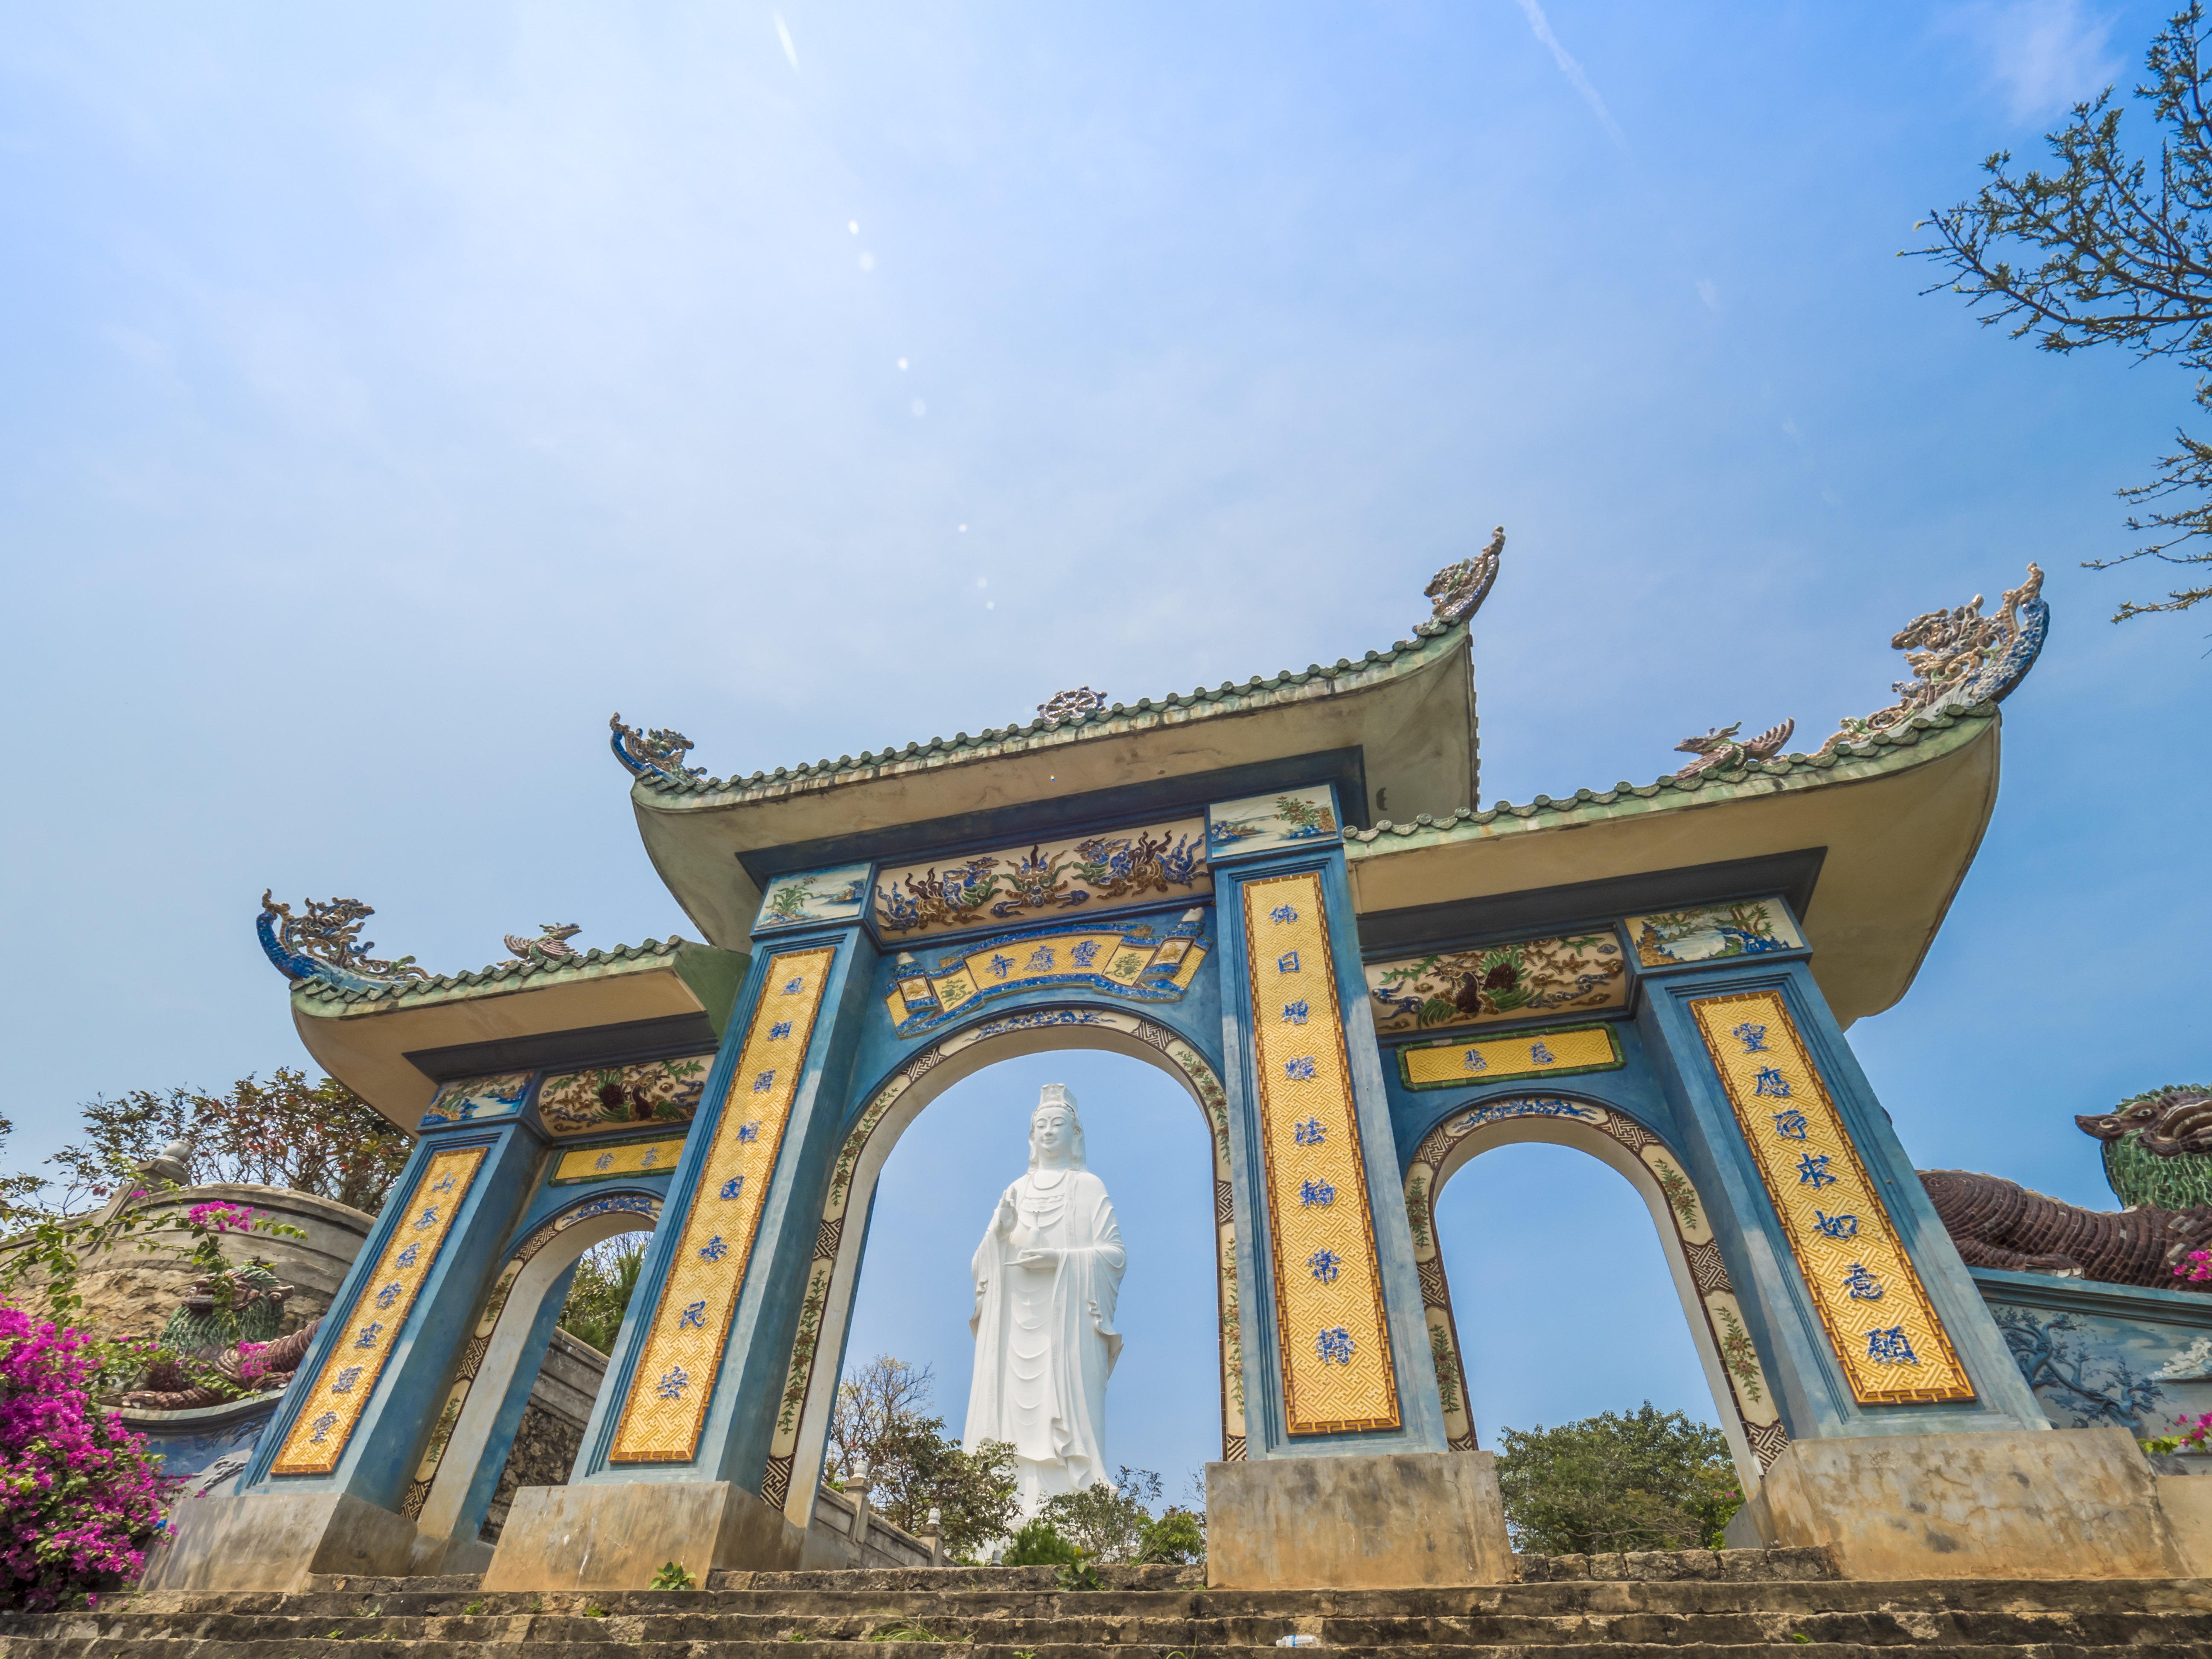 【搜罗自然风光】 ◎ 山茶半岛&灵应寺:也叫山茶山,猴山,处在岘港